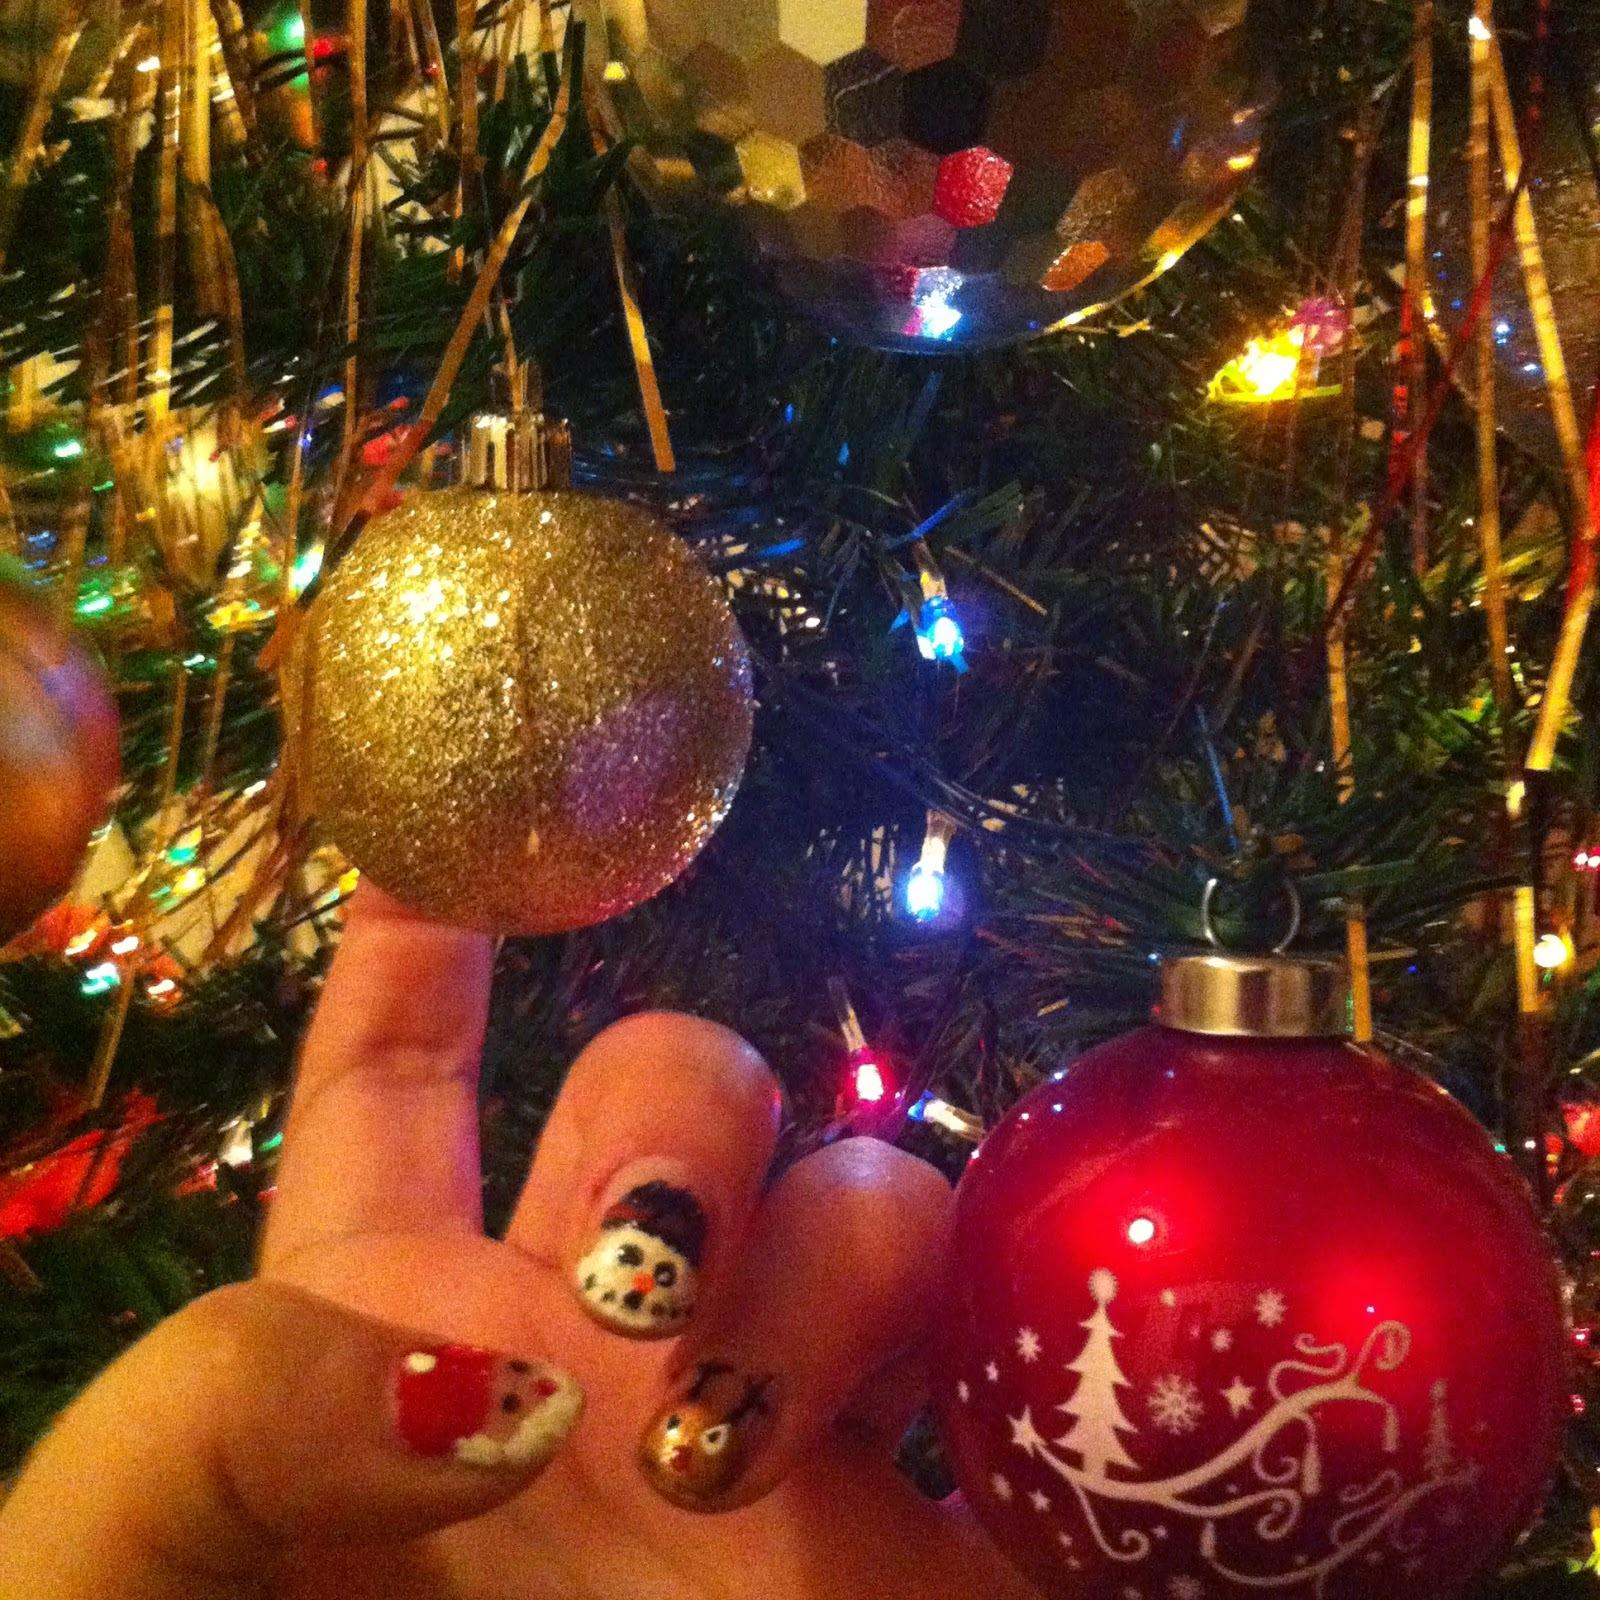 Χριστουγεννιάτικο μενού 2014 με χοιρινό, μπριζόλες με κοκκινόρυζο & Gluhwein